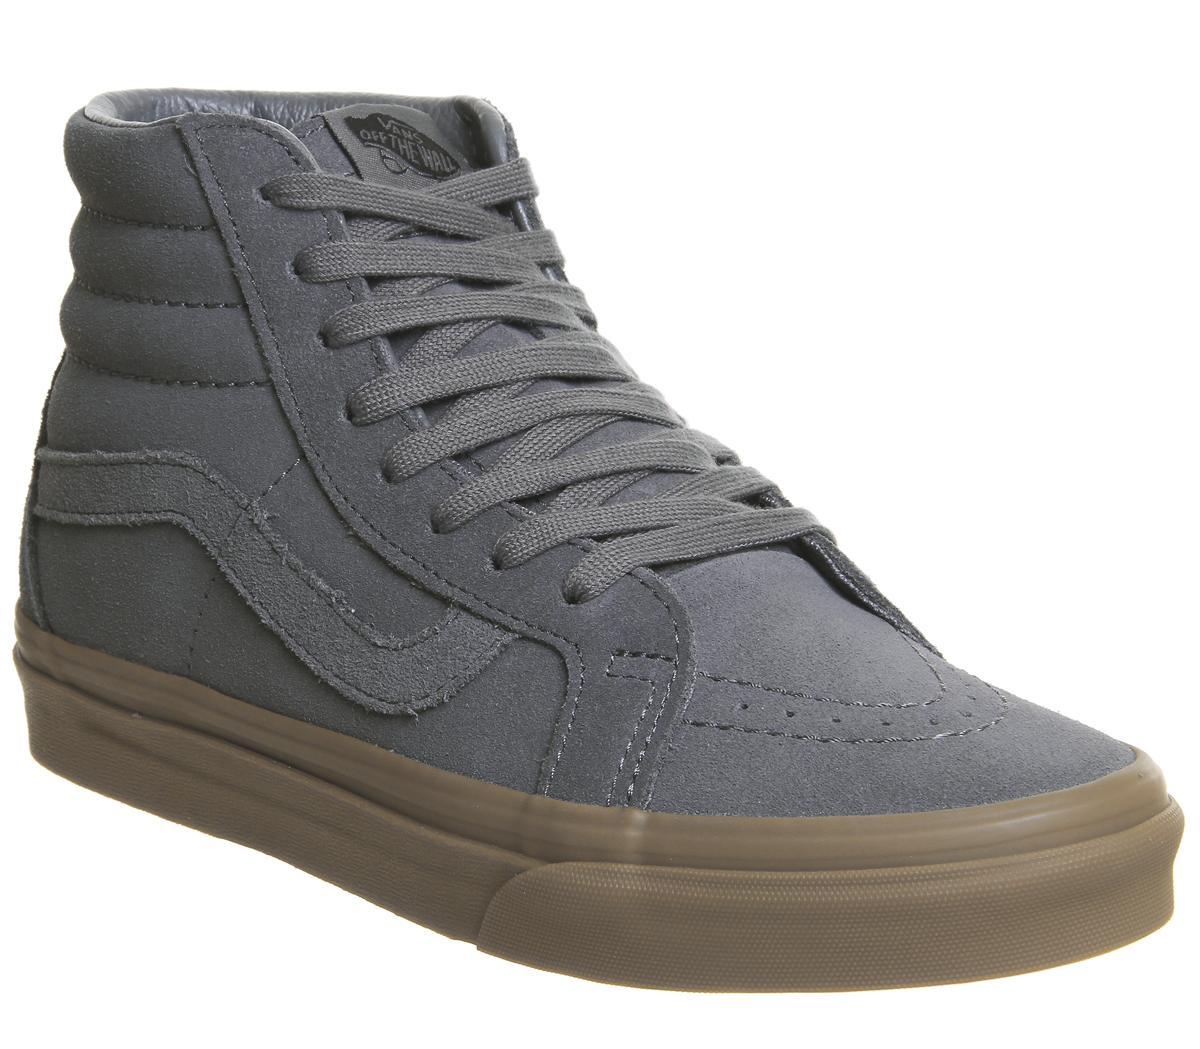 Vans Sk8 Hi Trainers Grey Suede Gum